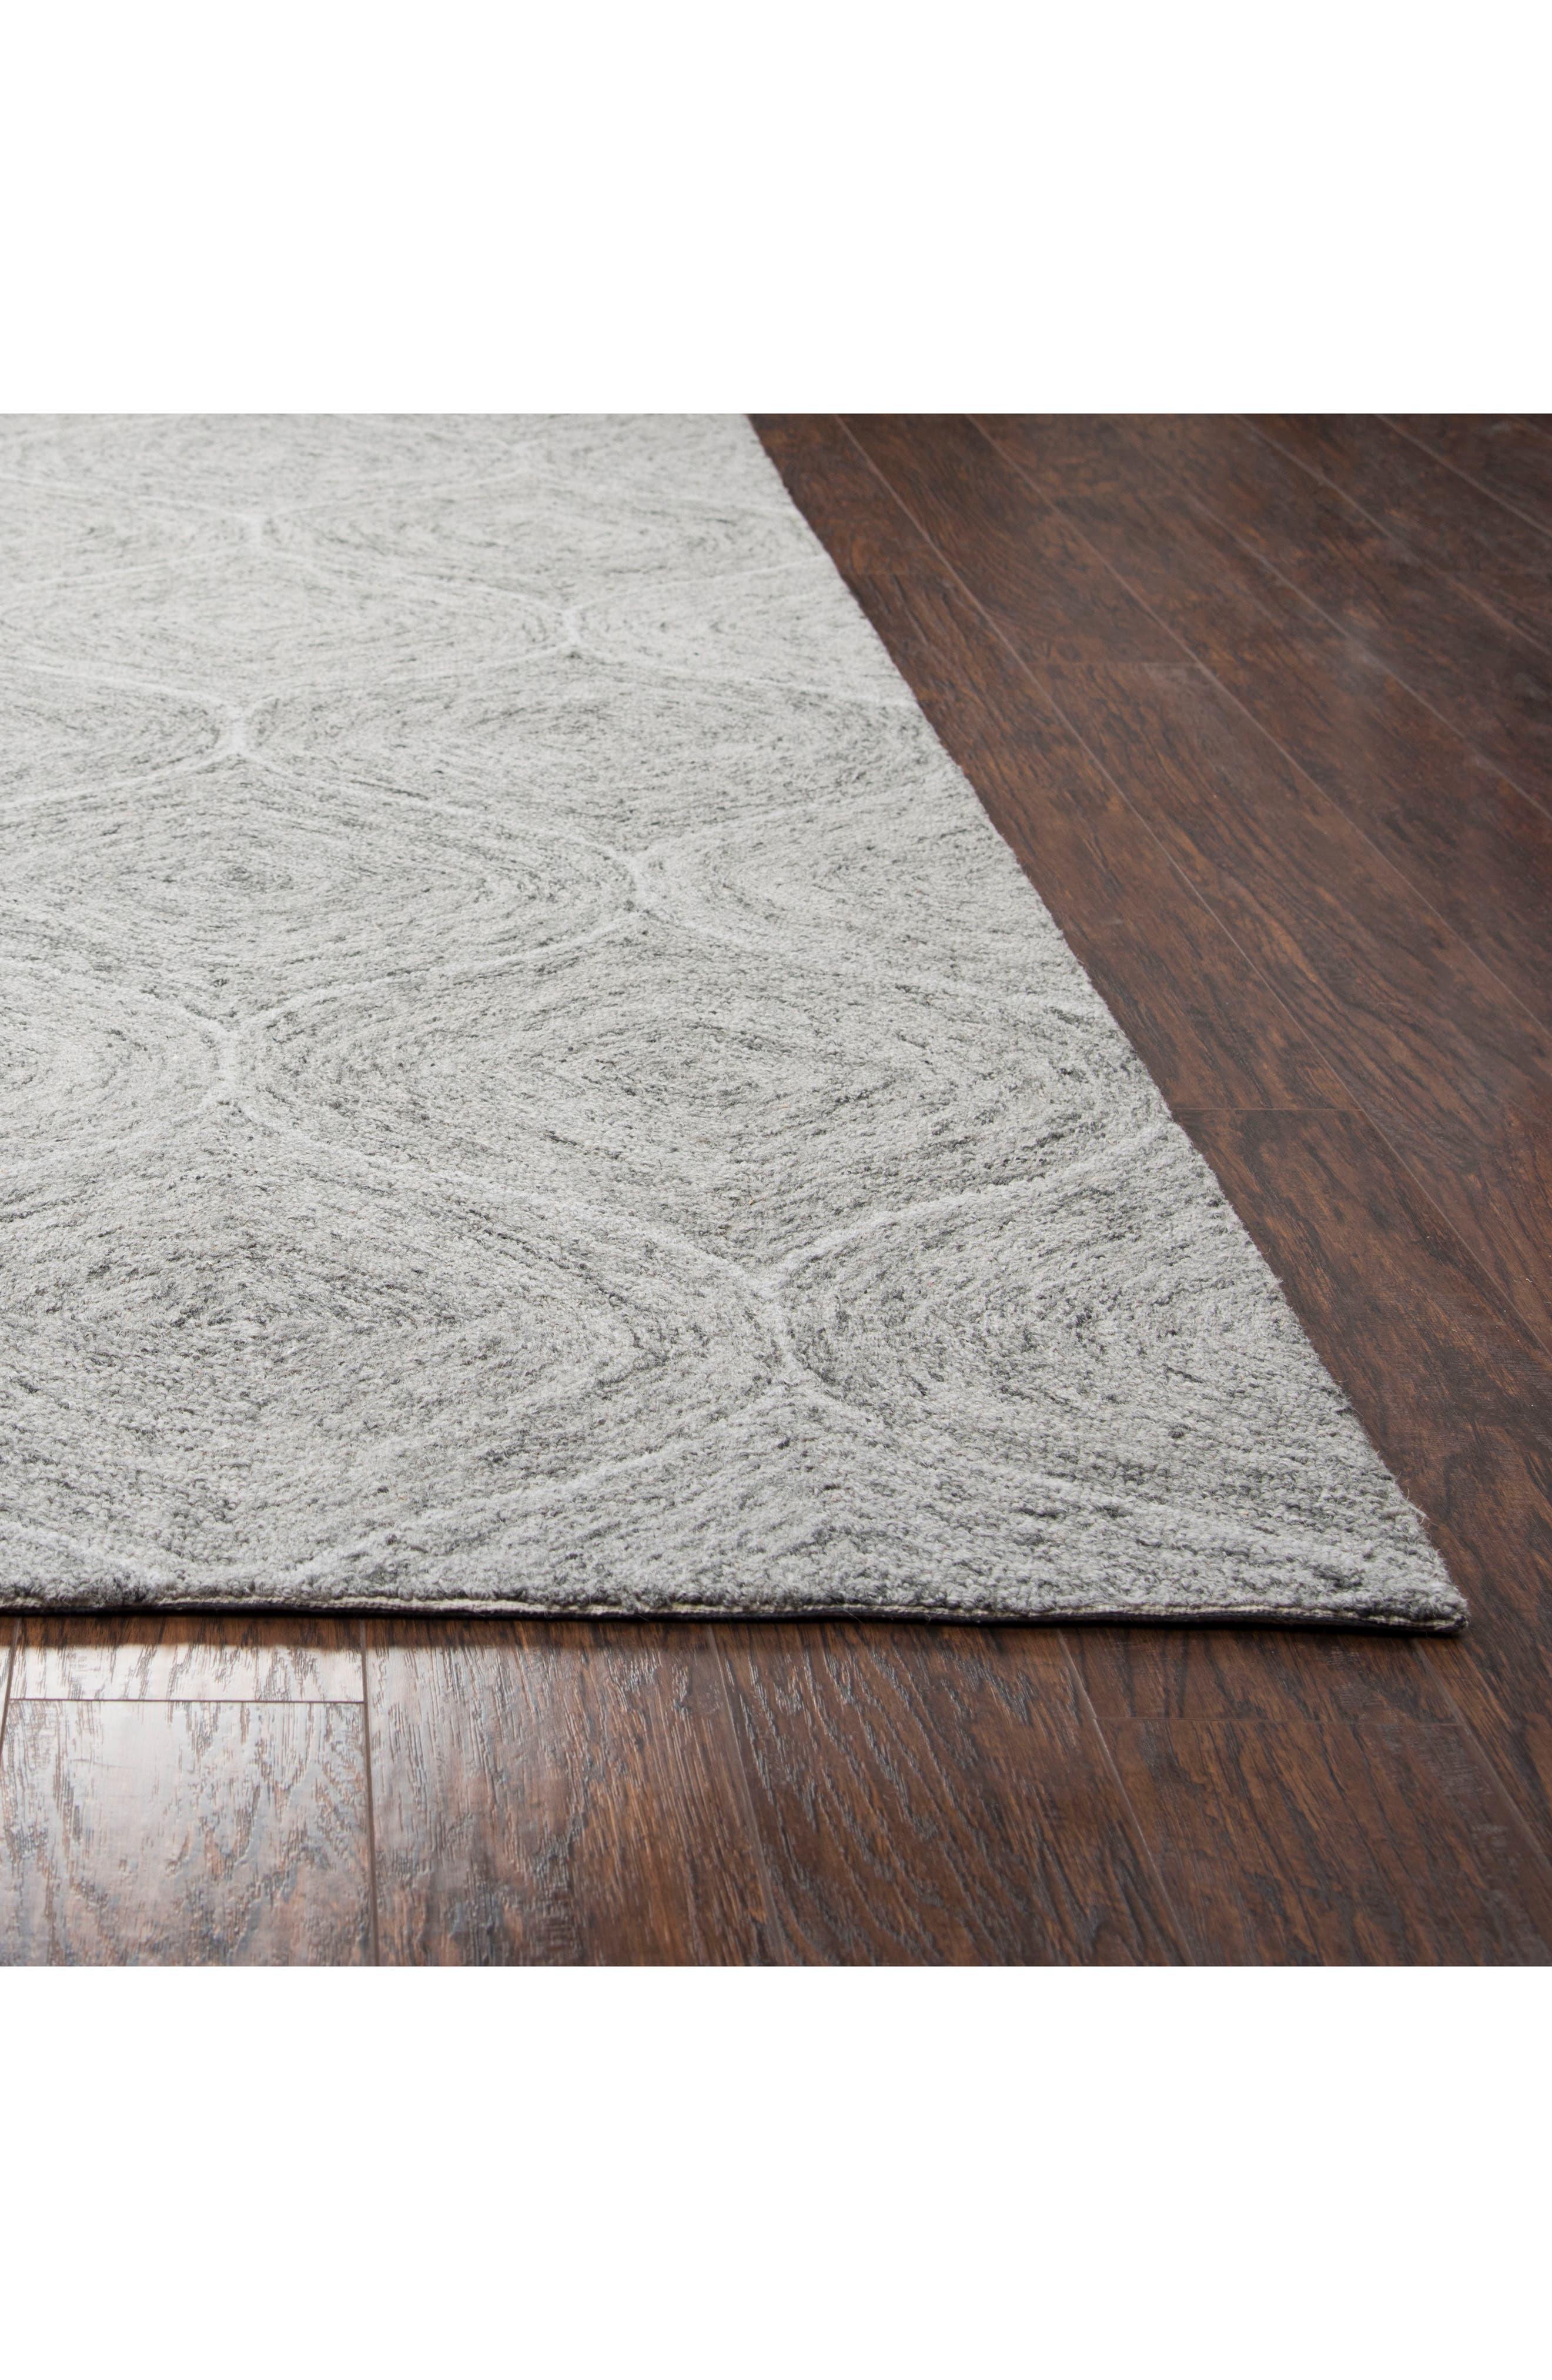 Irregular Diamond Hand Tufted Wool Area Rug,                             Alternate thumbnail 9, color,